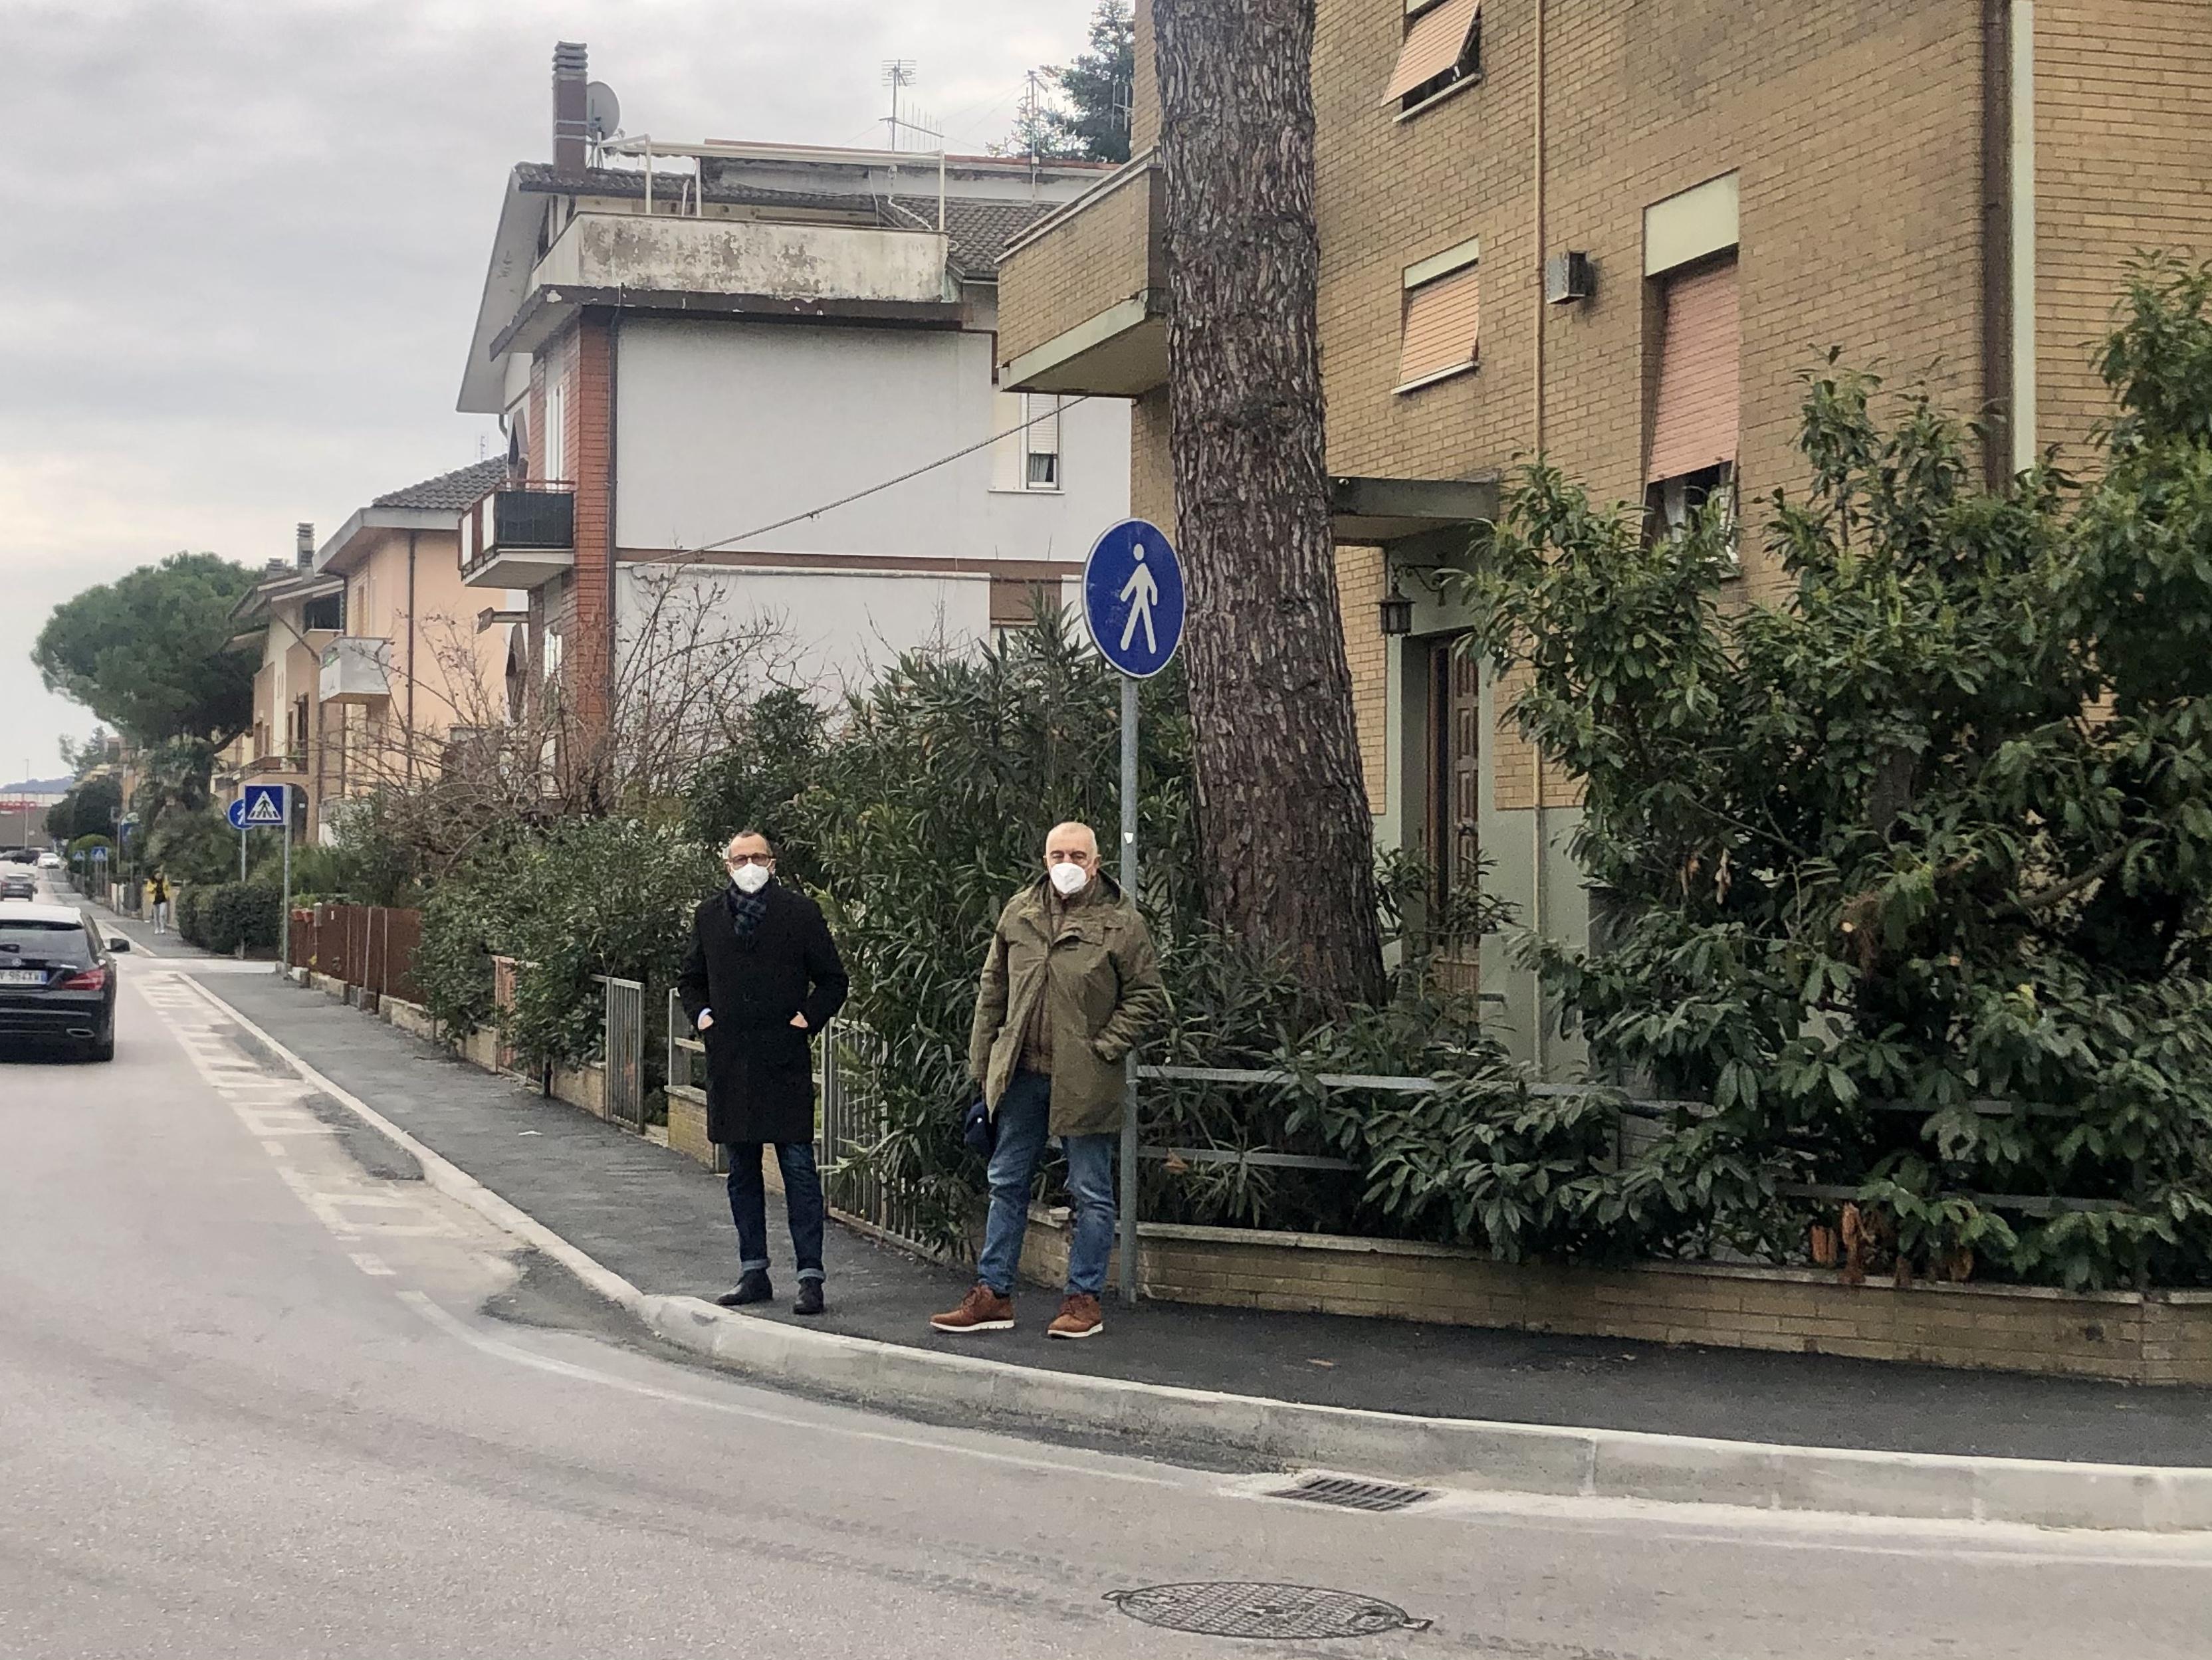 Ricci e Belloni sul marciapiede